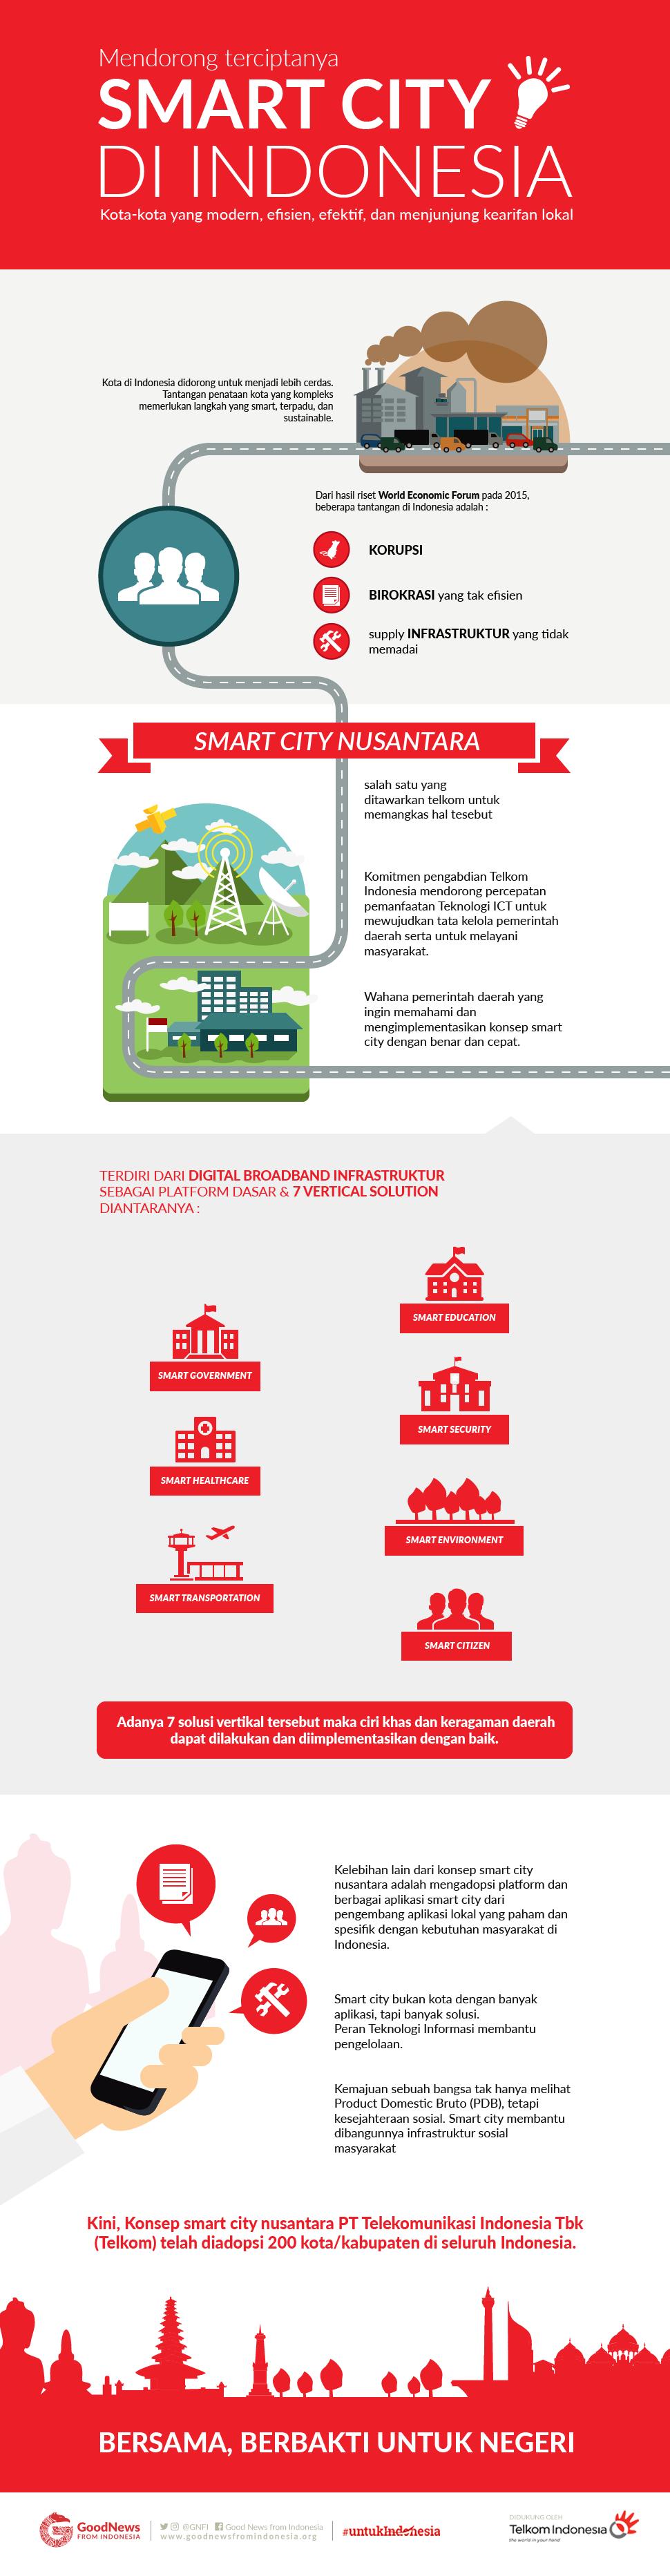 Smartcity Nusantara, Inovasi Kota Pintar untuk Indonesia